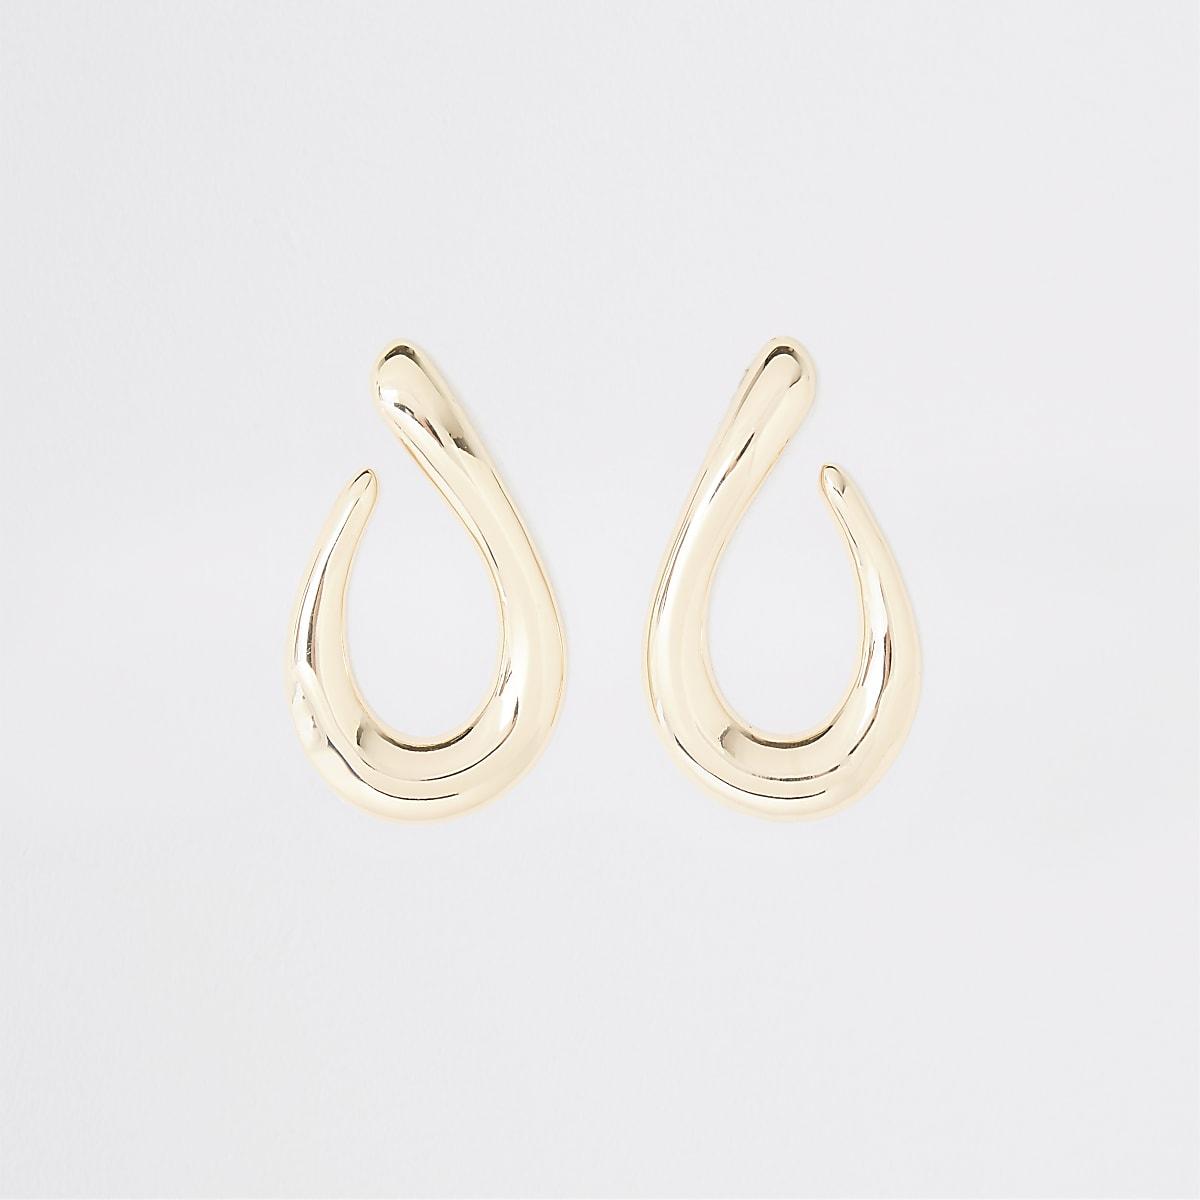 Gold color chunky tear drop earrings